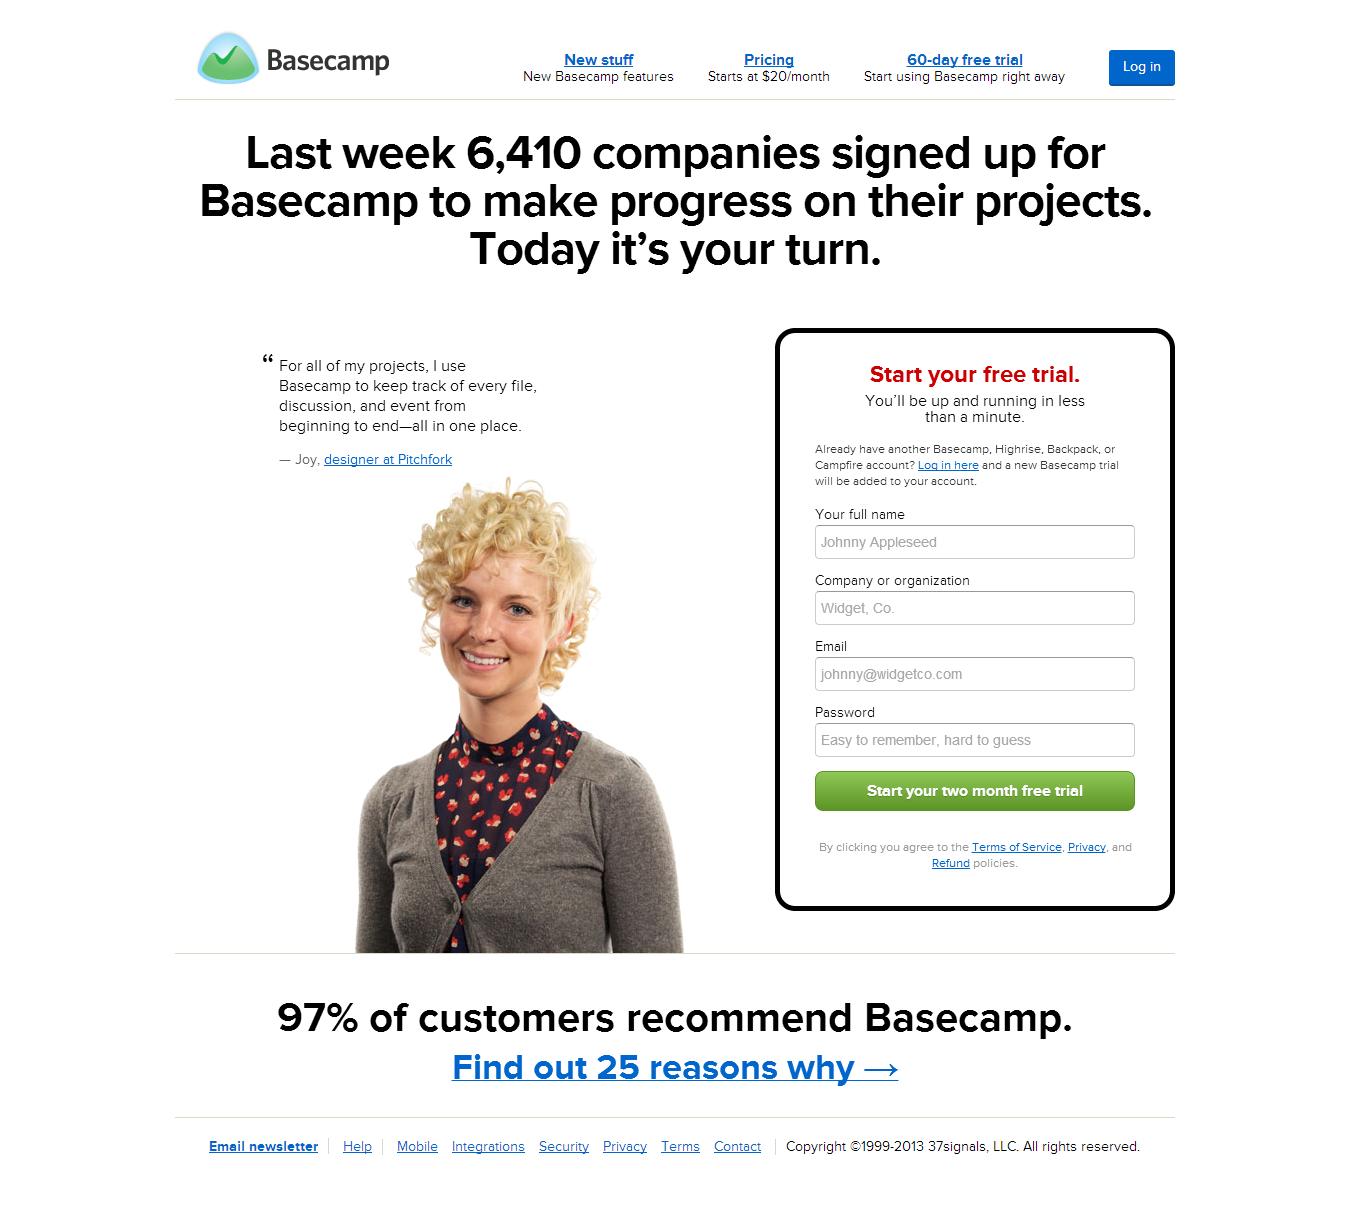 الصفحة الرئيسية لموقع Basecamp ومفهوم ال Fold